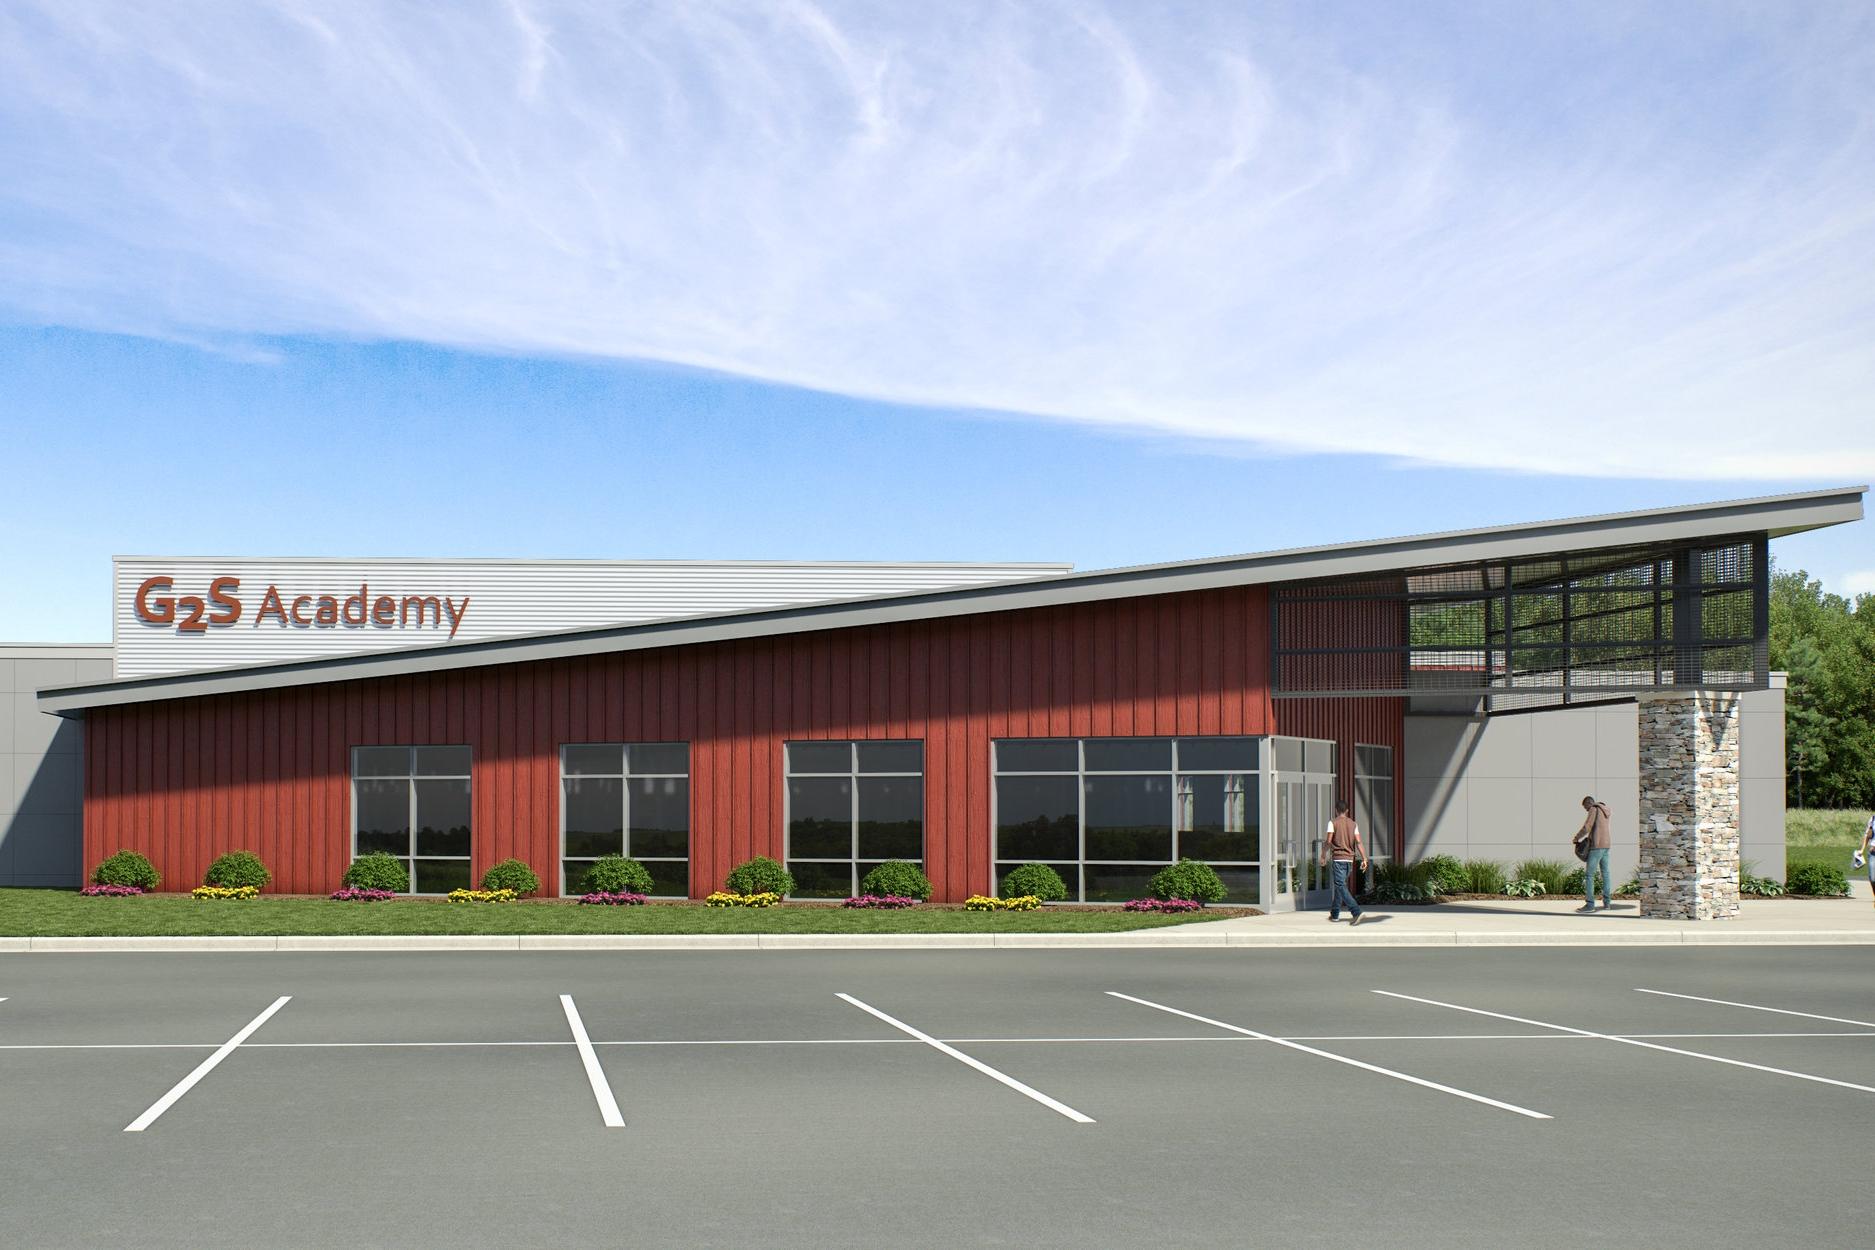 G2S Academy